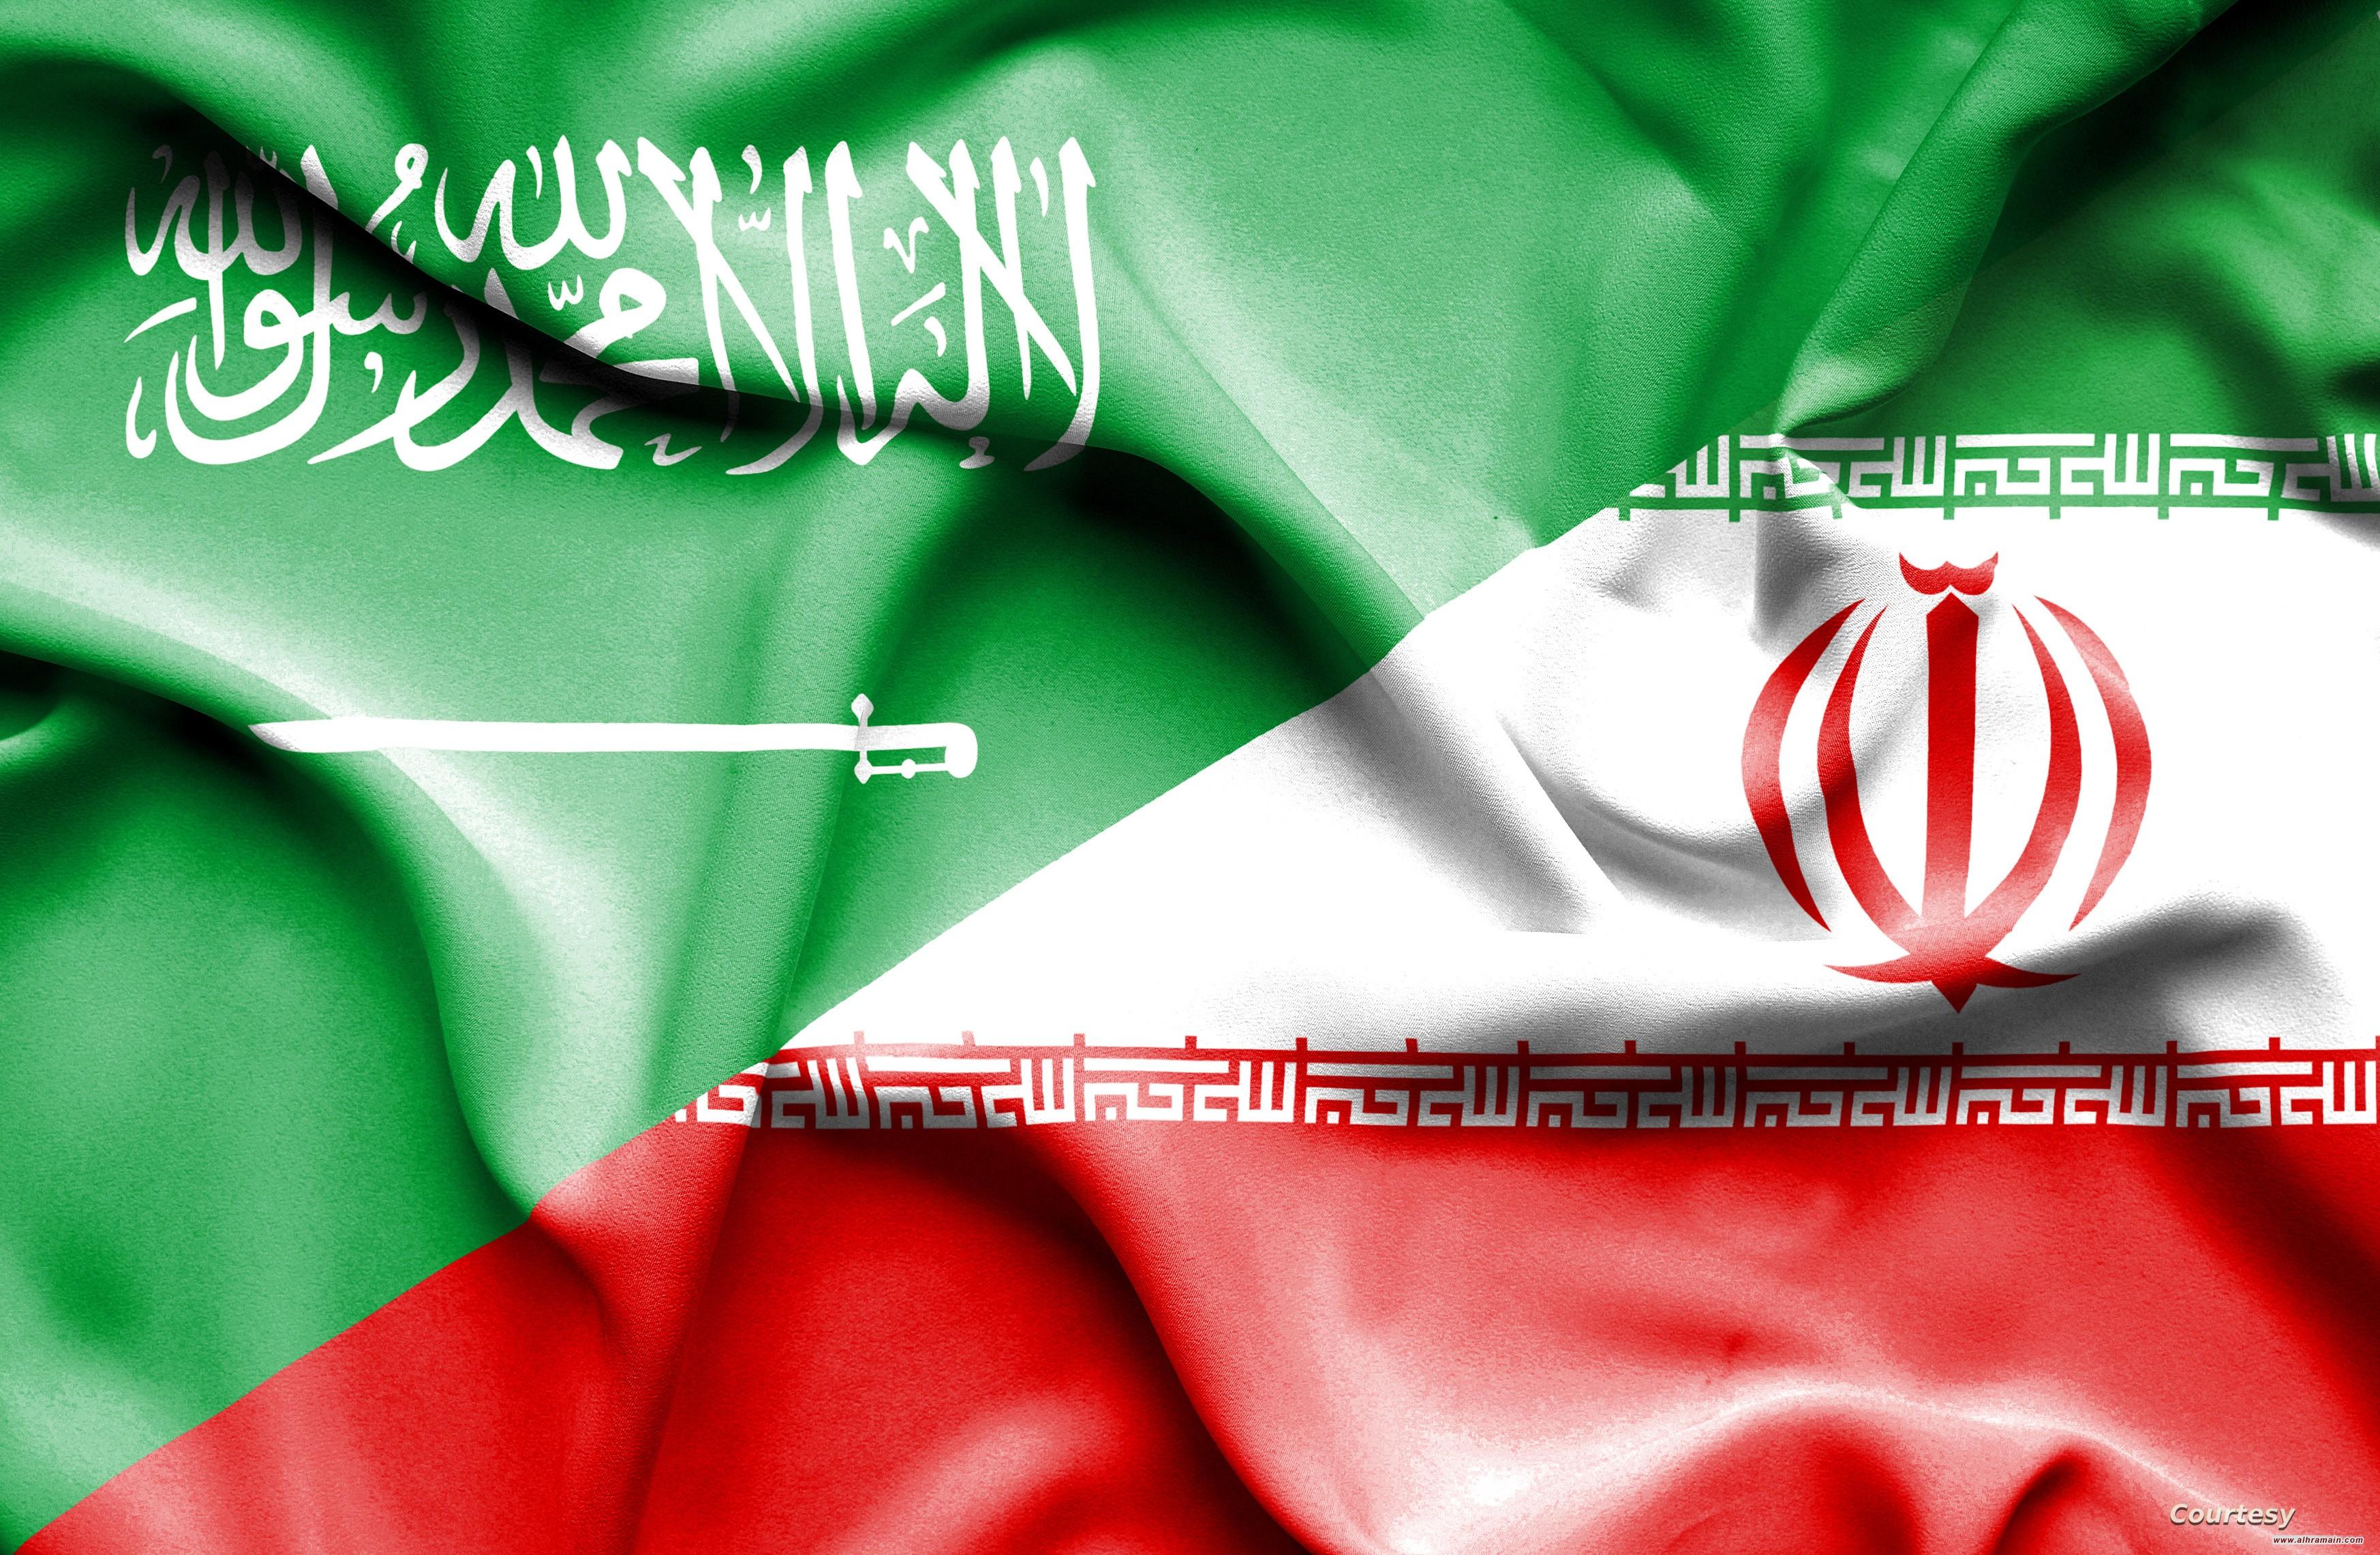 """هل هُناك نوايا سعوديّة للتّقارب جدّيًّا مع إيران؟ وما الجديد الذي يَقِف خلف هذا التّغيير """"المشروط""""؟"""